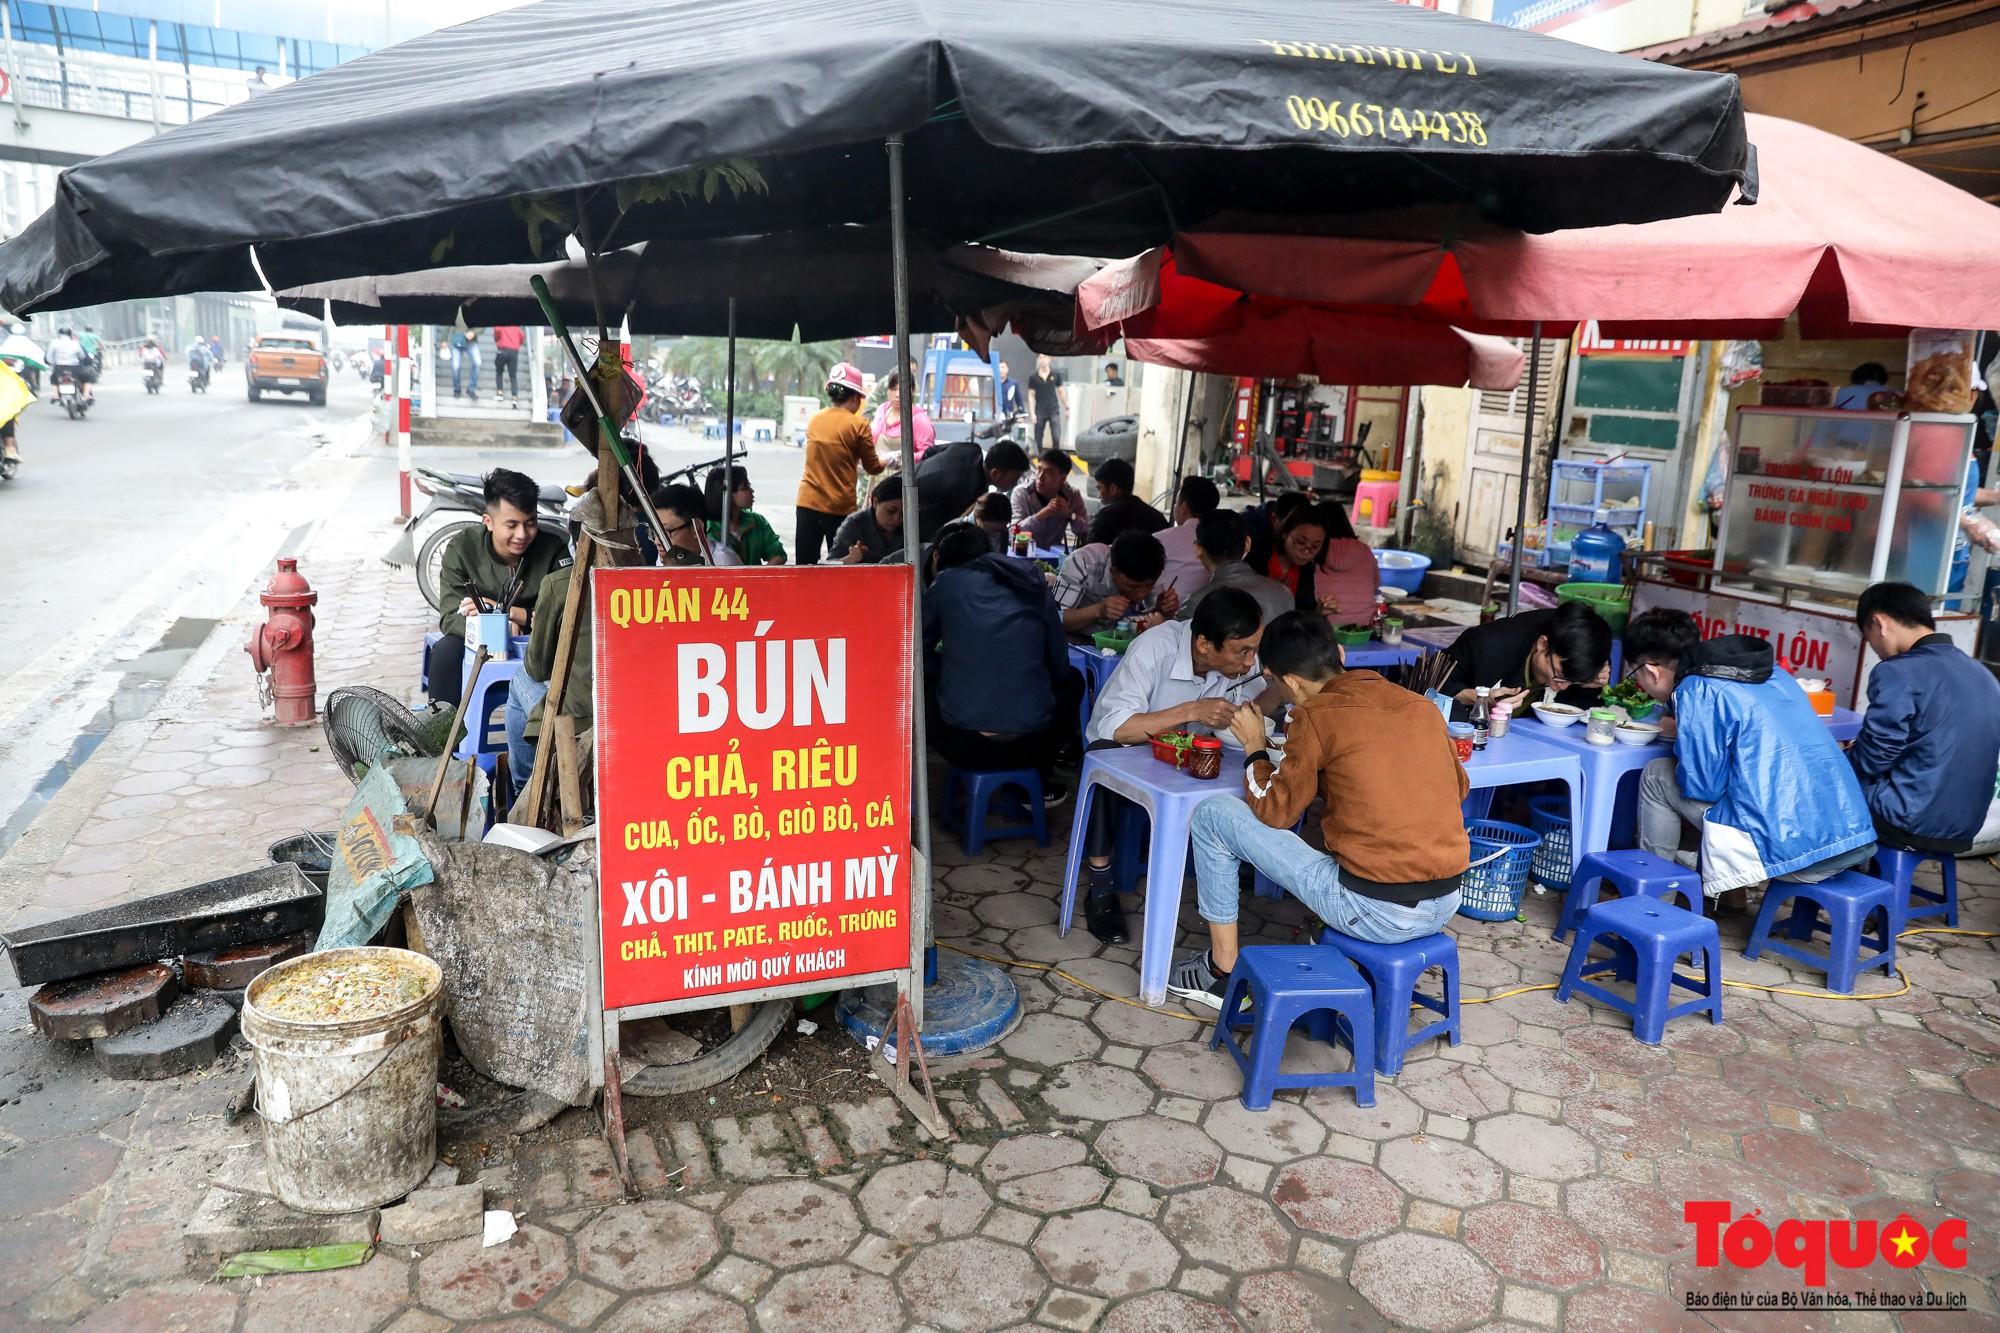 Nhìn những hình ảnh này mới thấy đề xuất cấm xe máy 6 tuyến phố Hà Nội là vô cảm với người dân nghèo - Ảnh 11.